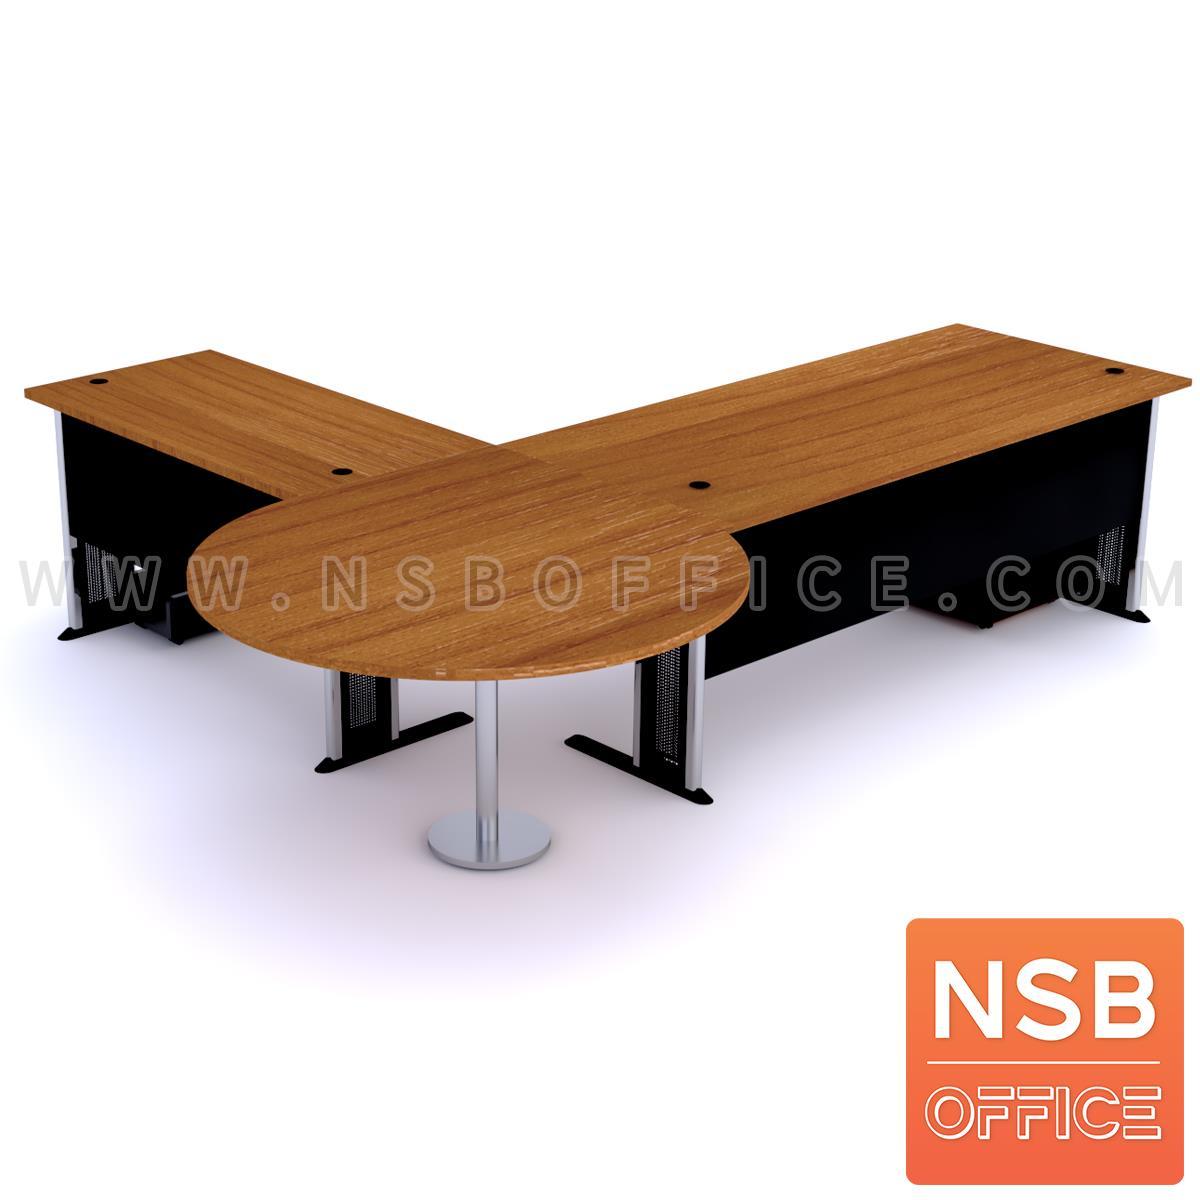 โต๊ะผู้บริหารตัวแอล   ขนาด 280W1*240W2 cm. ขาเหล็กโครเมี่ยมดำ สีเชอร์รี่-ดำ *แอลตามภาพเท่านั้น*